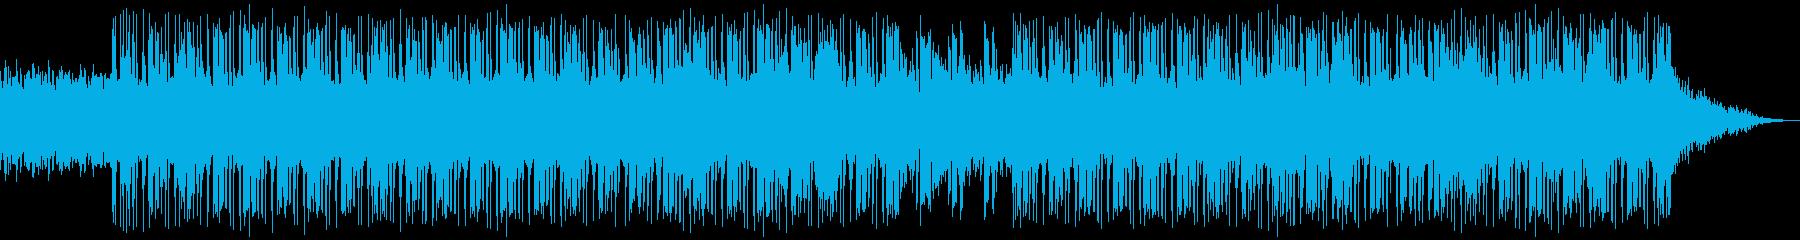 切なくて悲しいメローなピアノチルホップの再生済みの波形